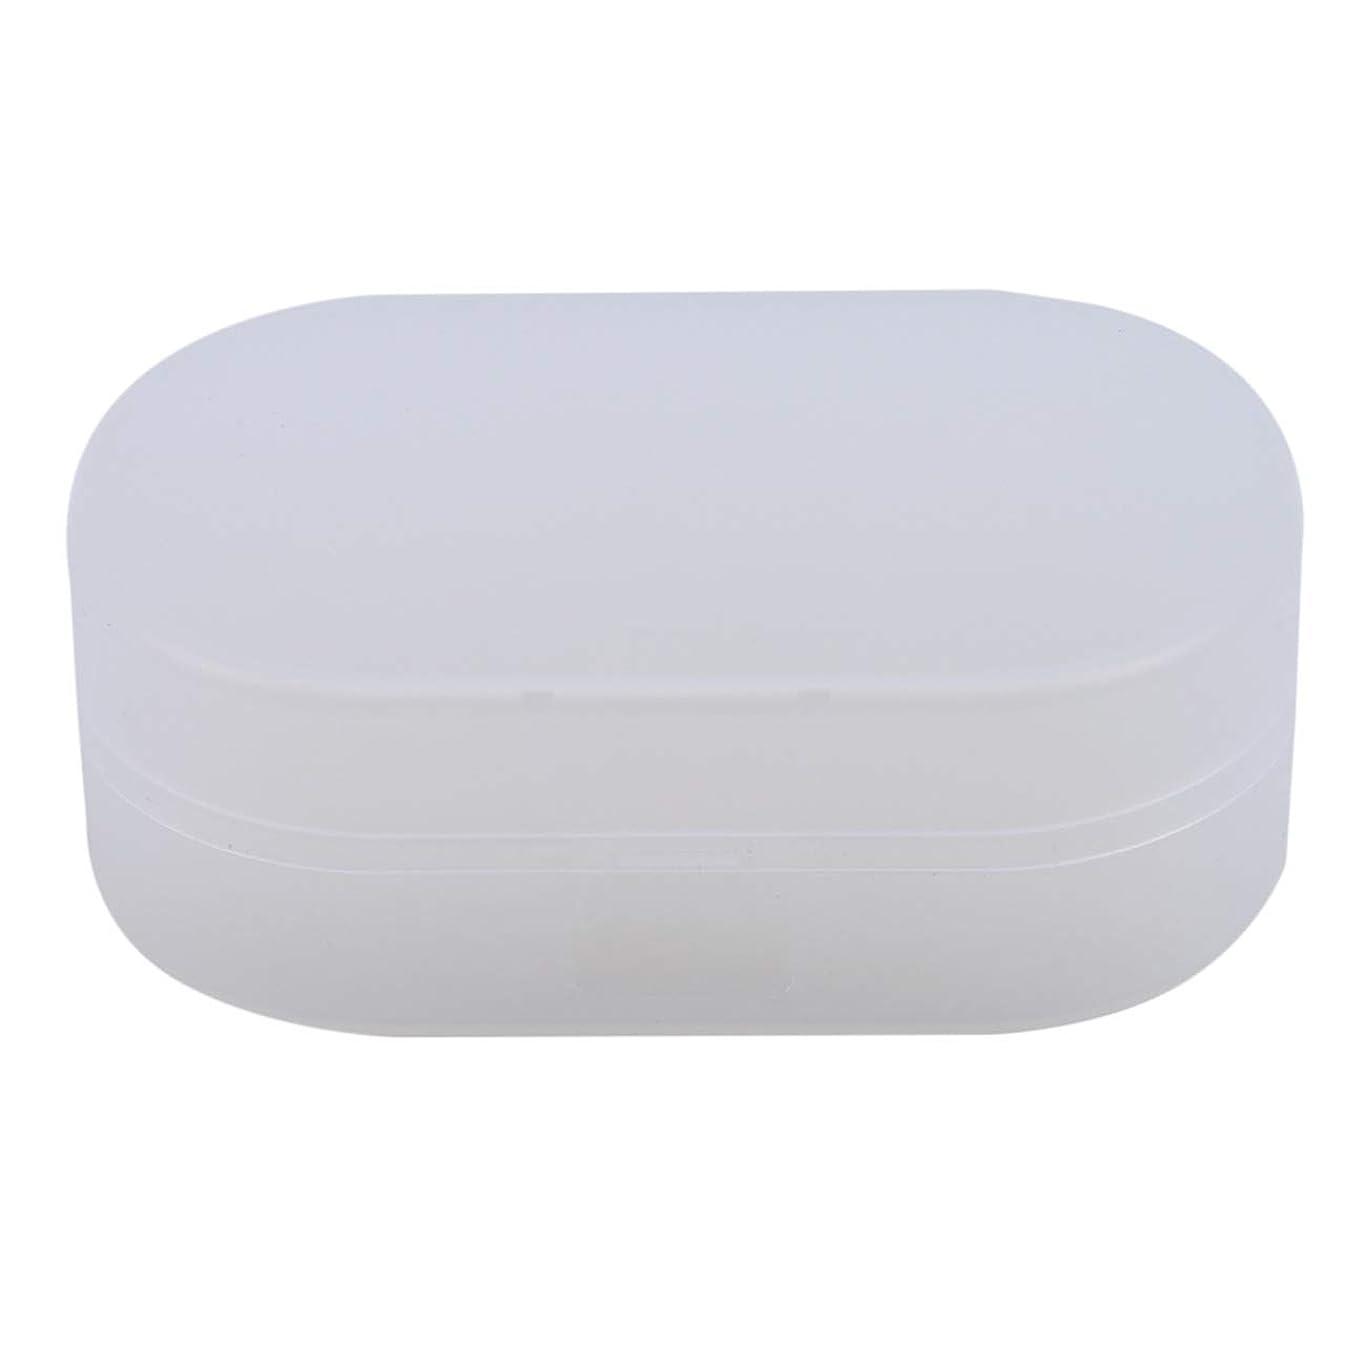 東レールウルルZALINGソープボックスホルダーソープディッシュソープセーバーケースコンテナ用バスルームキャンプホワイト